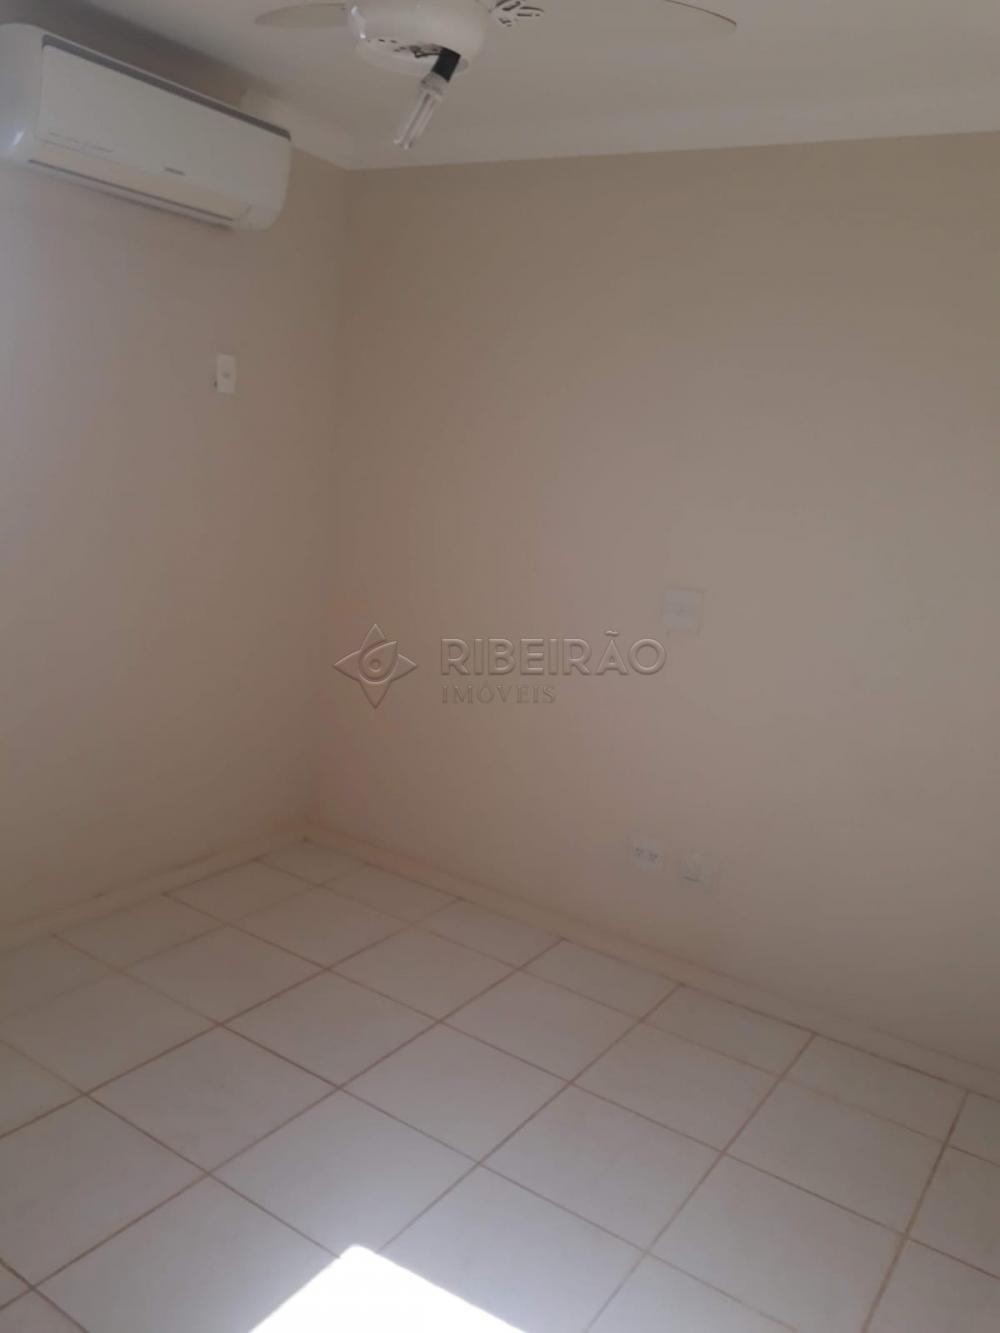 Comprar Apartamento / Padrão em Ribeirão Preto apenas R$ 600.000,00 - Foto 49